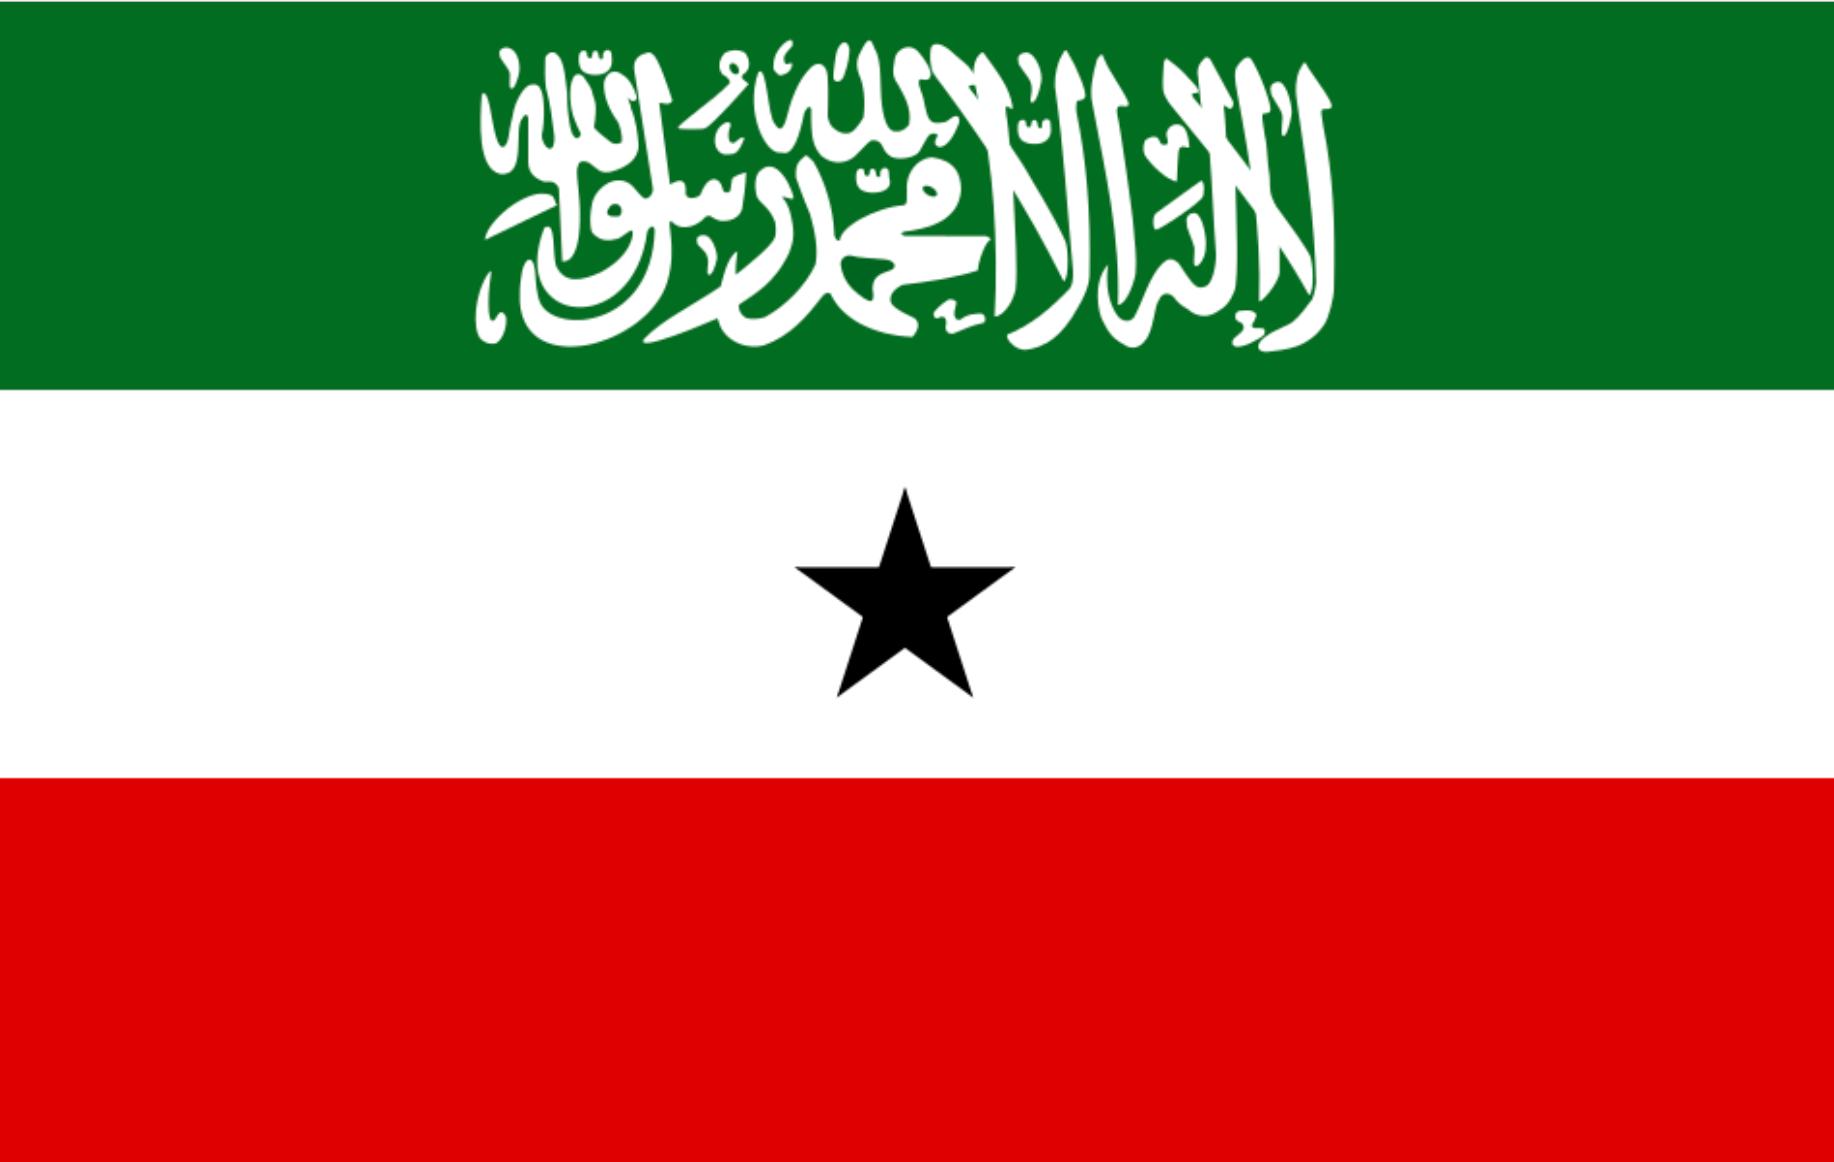 Somaliland oo ku dhowaaqday go'aan ka dhan ah QM